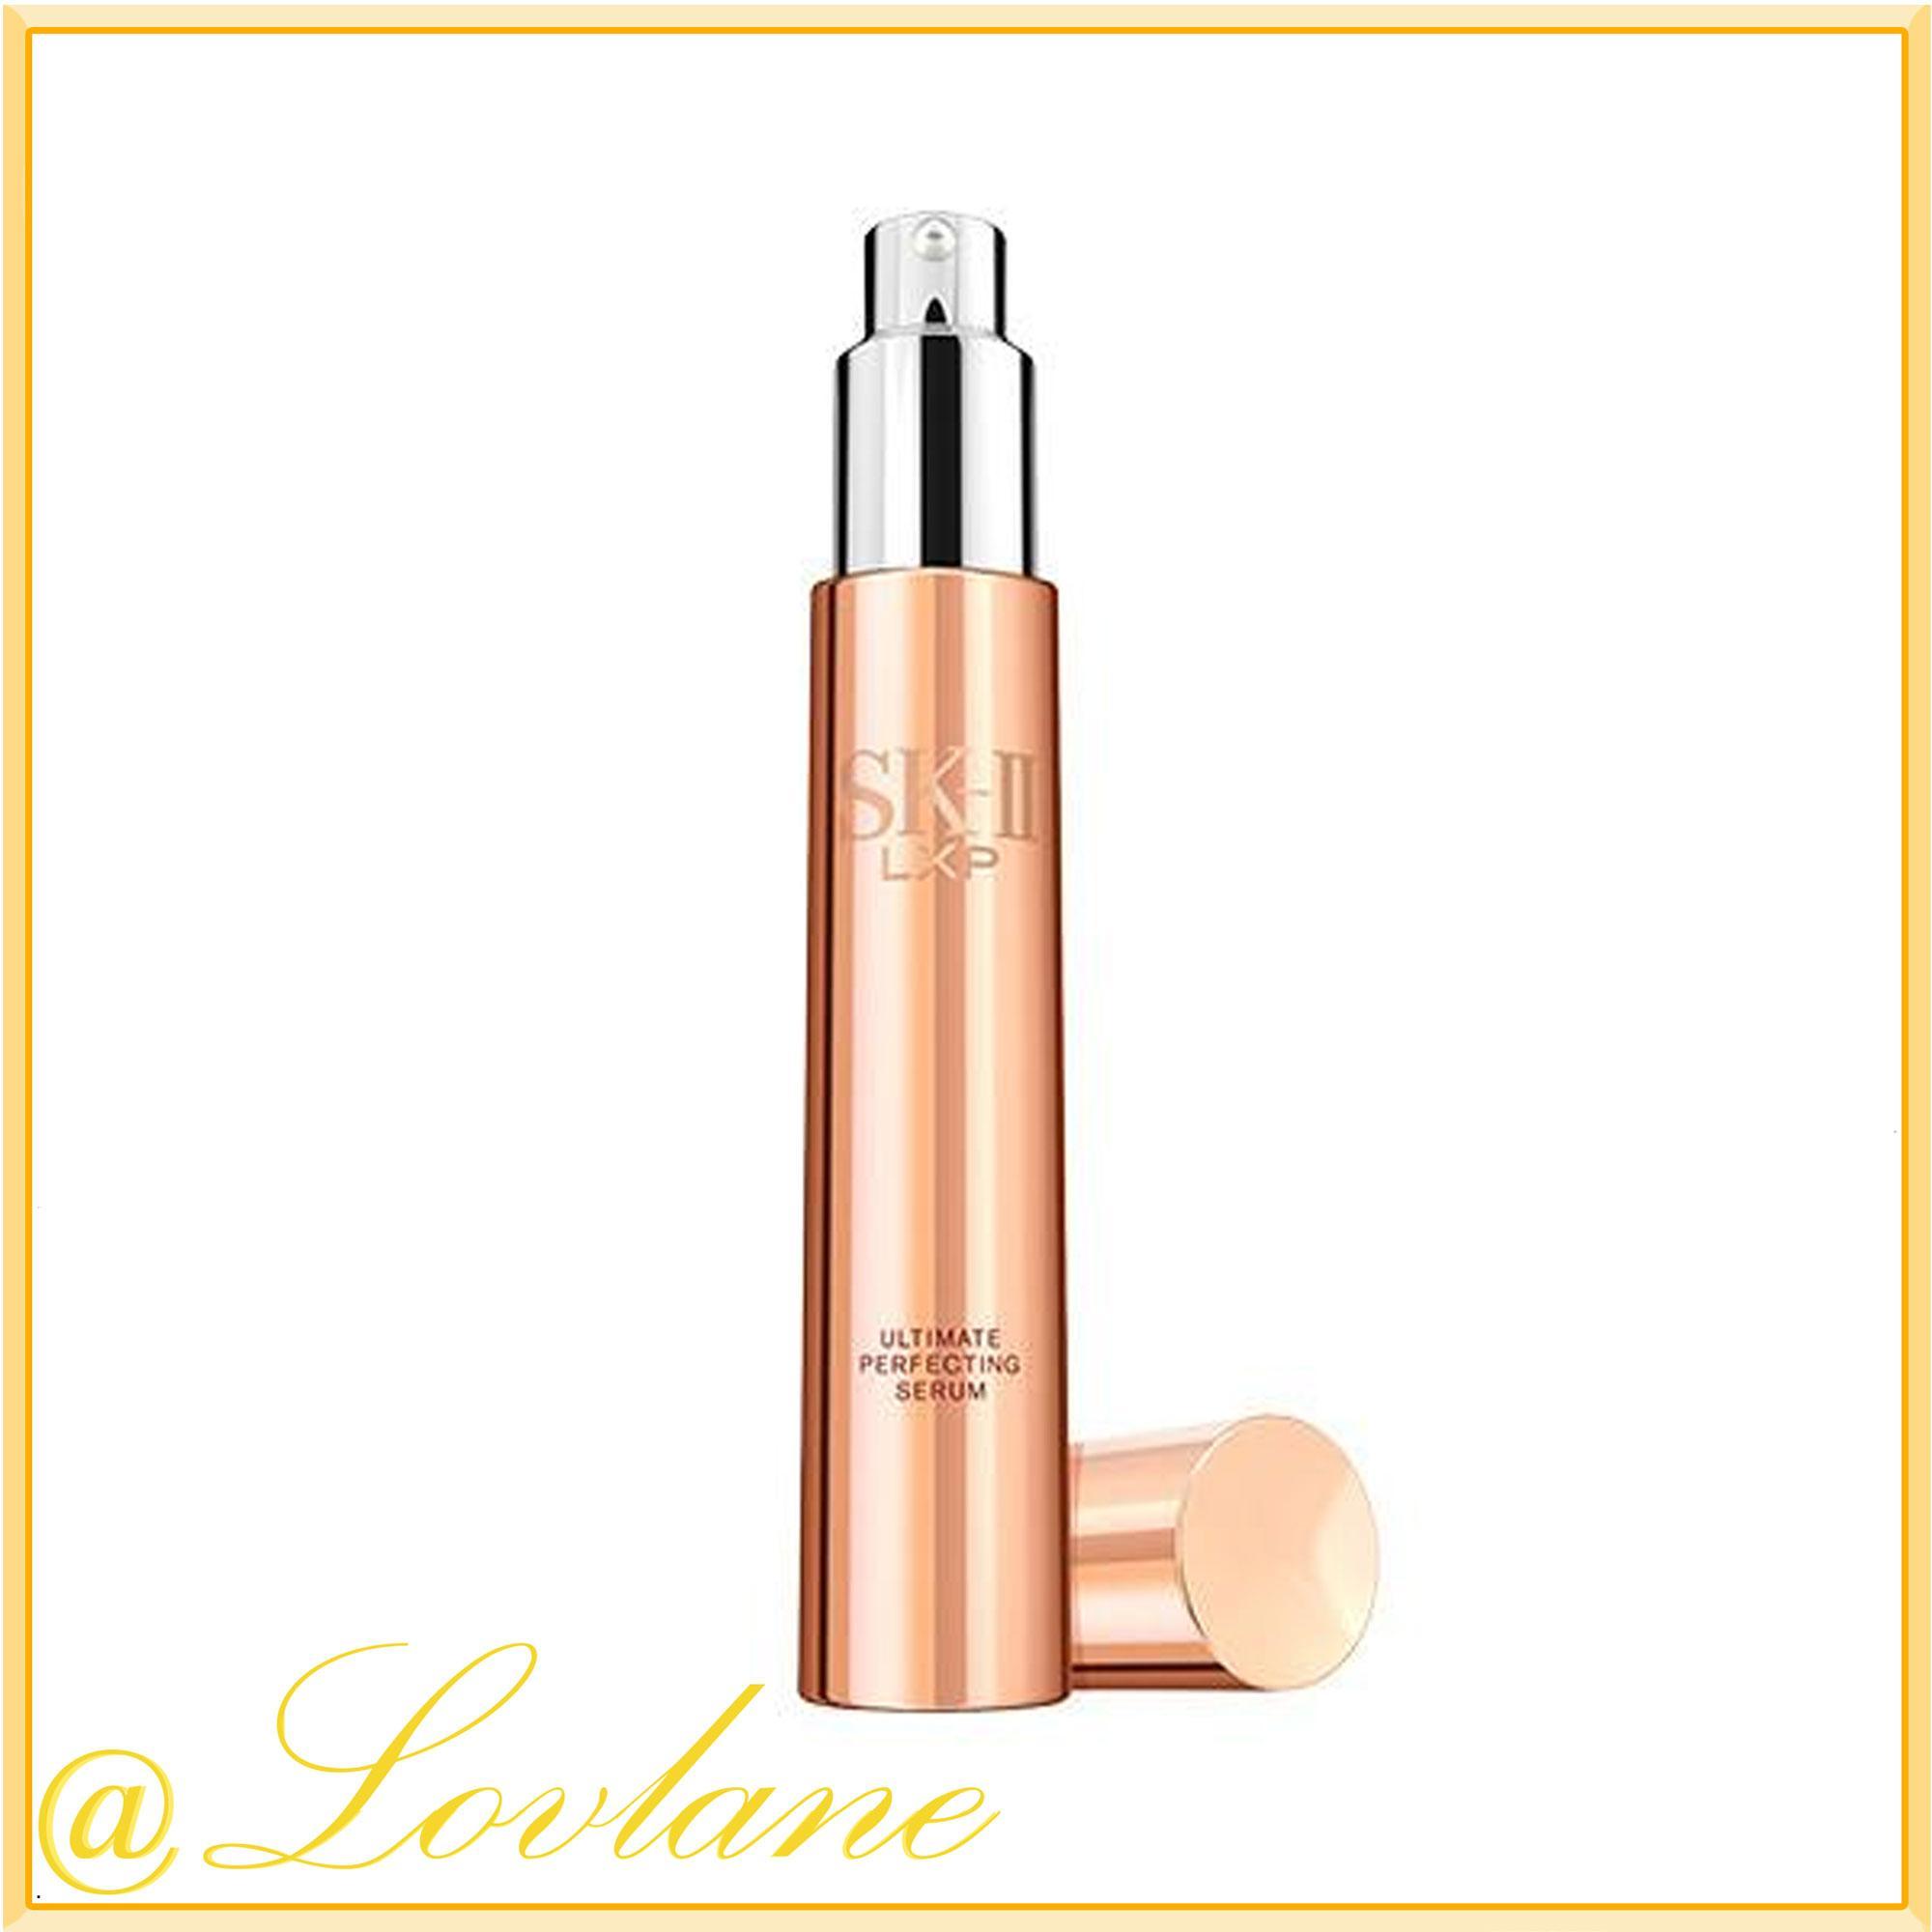 Sk Ii Lxp Ultimate Perfecting Serum 10ml Original Produk Terbaik Essence Skincare Anti Aging 50ml